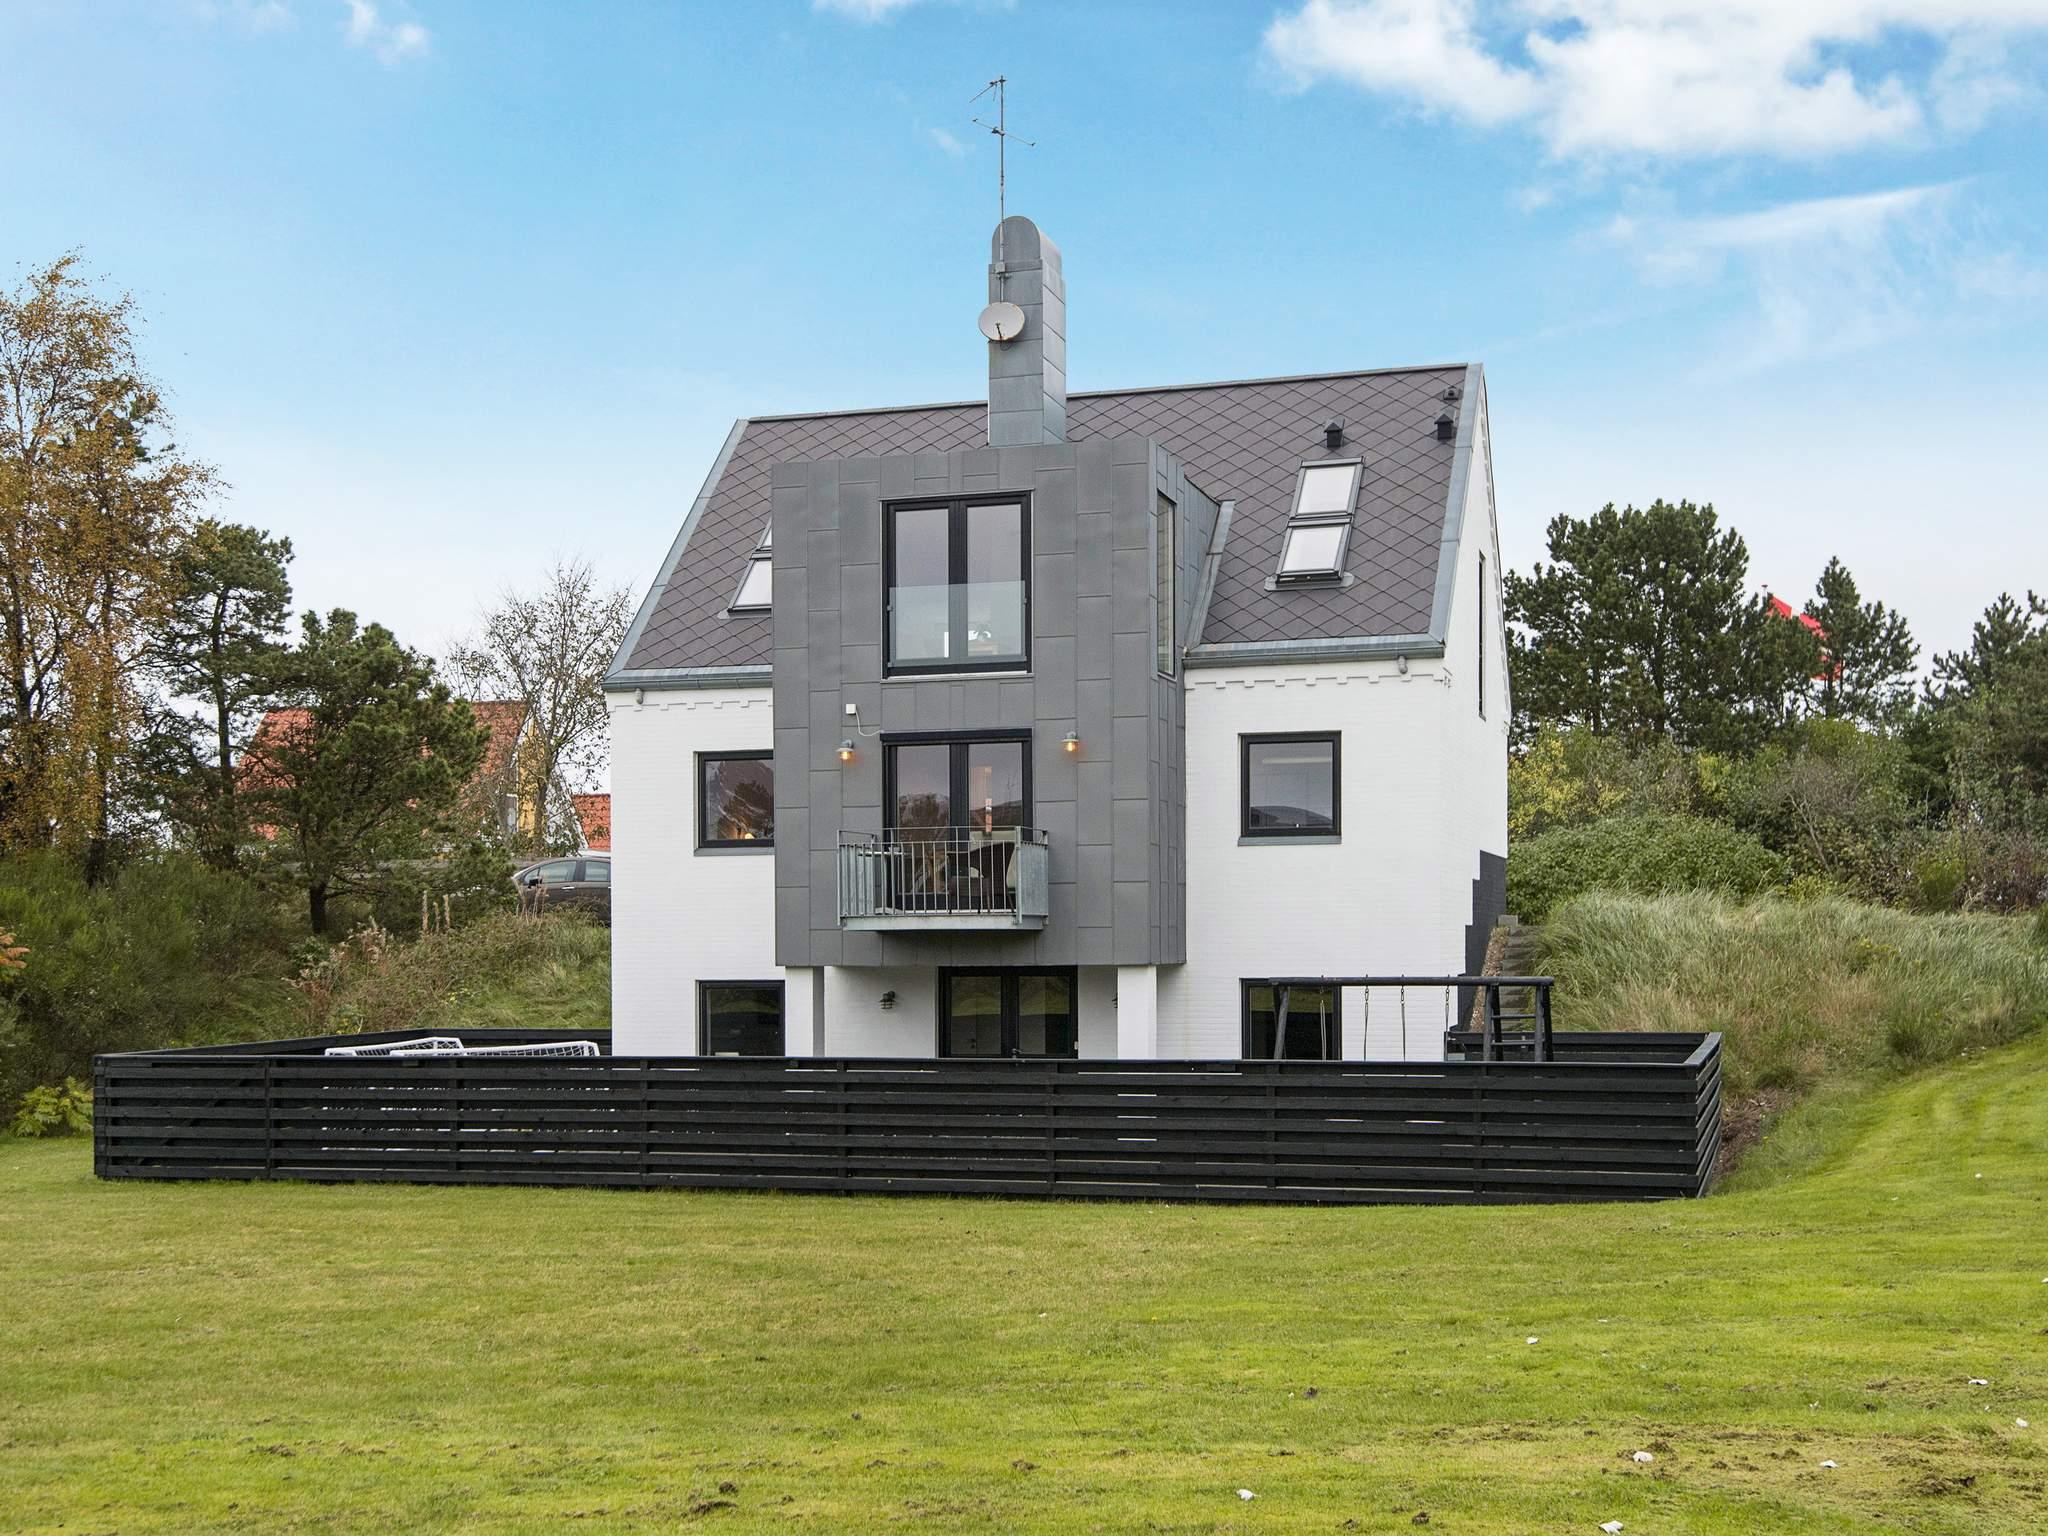 Ferienhaus Bønnerup Strand (493428), Bønnerup, , Ostjütland, Dänemark, Bild 26